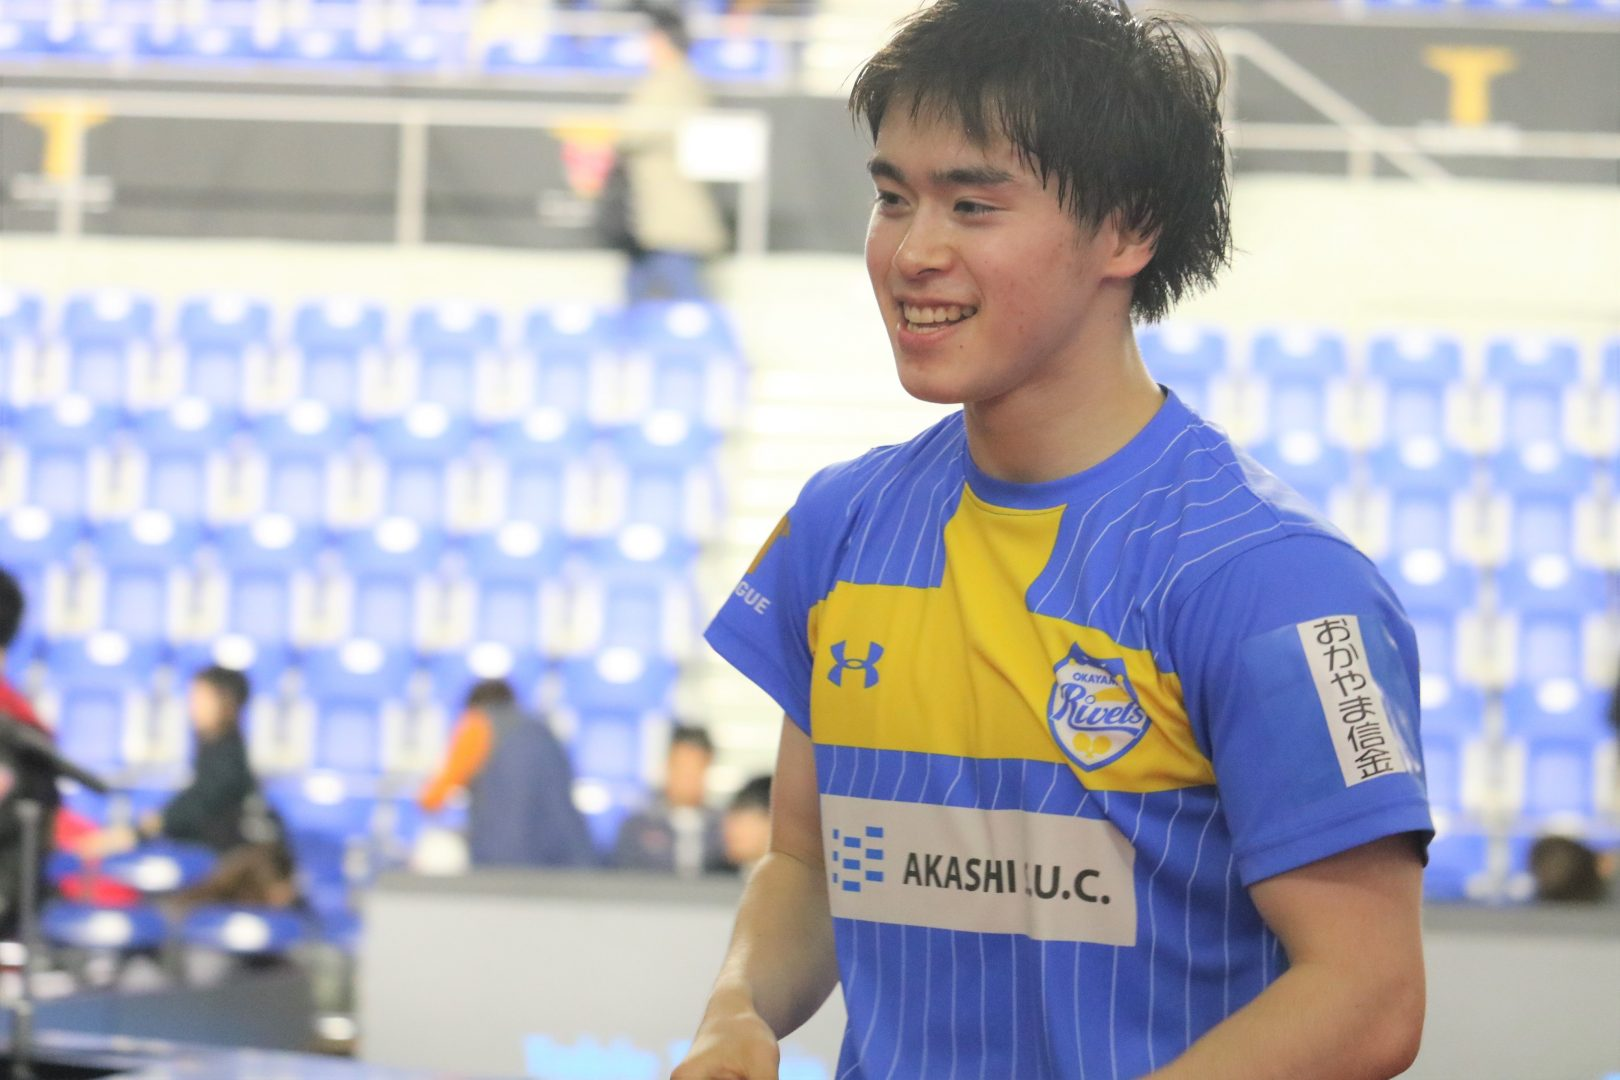 【卓球】元乃木坂46の若月佑美さん「卓球ってかっこいい」 森薗、森とTリーグ特番に出演